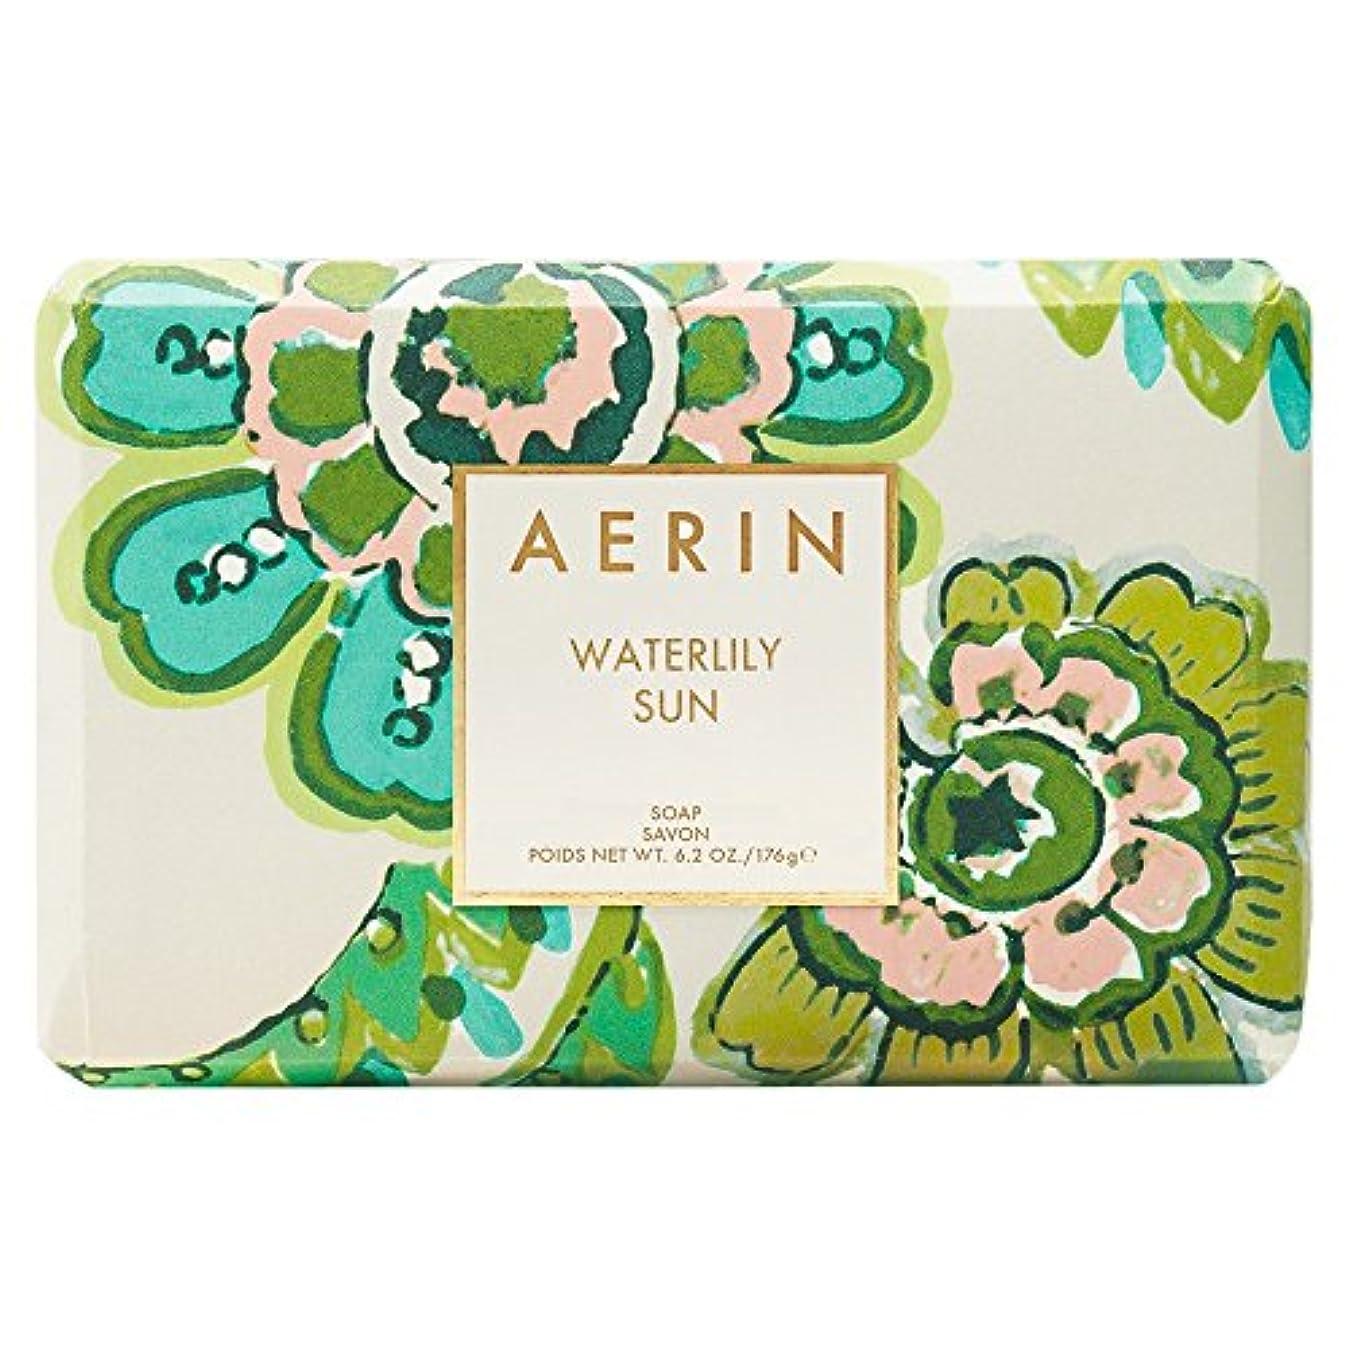 脊椎最も遠い細胞Aerinスイレン日石鹸176グラム (AERIN) (x2) - AERIN Waterlily Sun Soap 176g (Pack of 2) [並行輸入品]